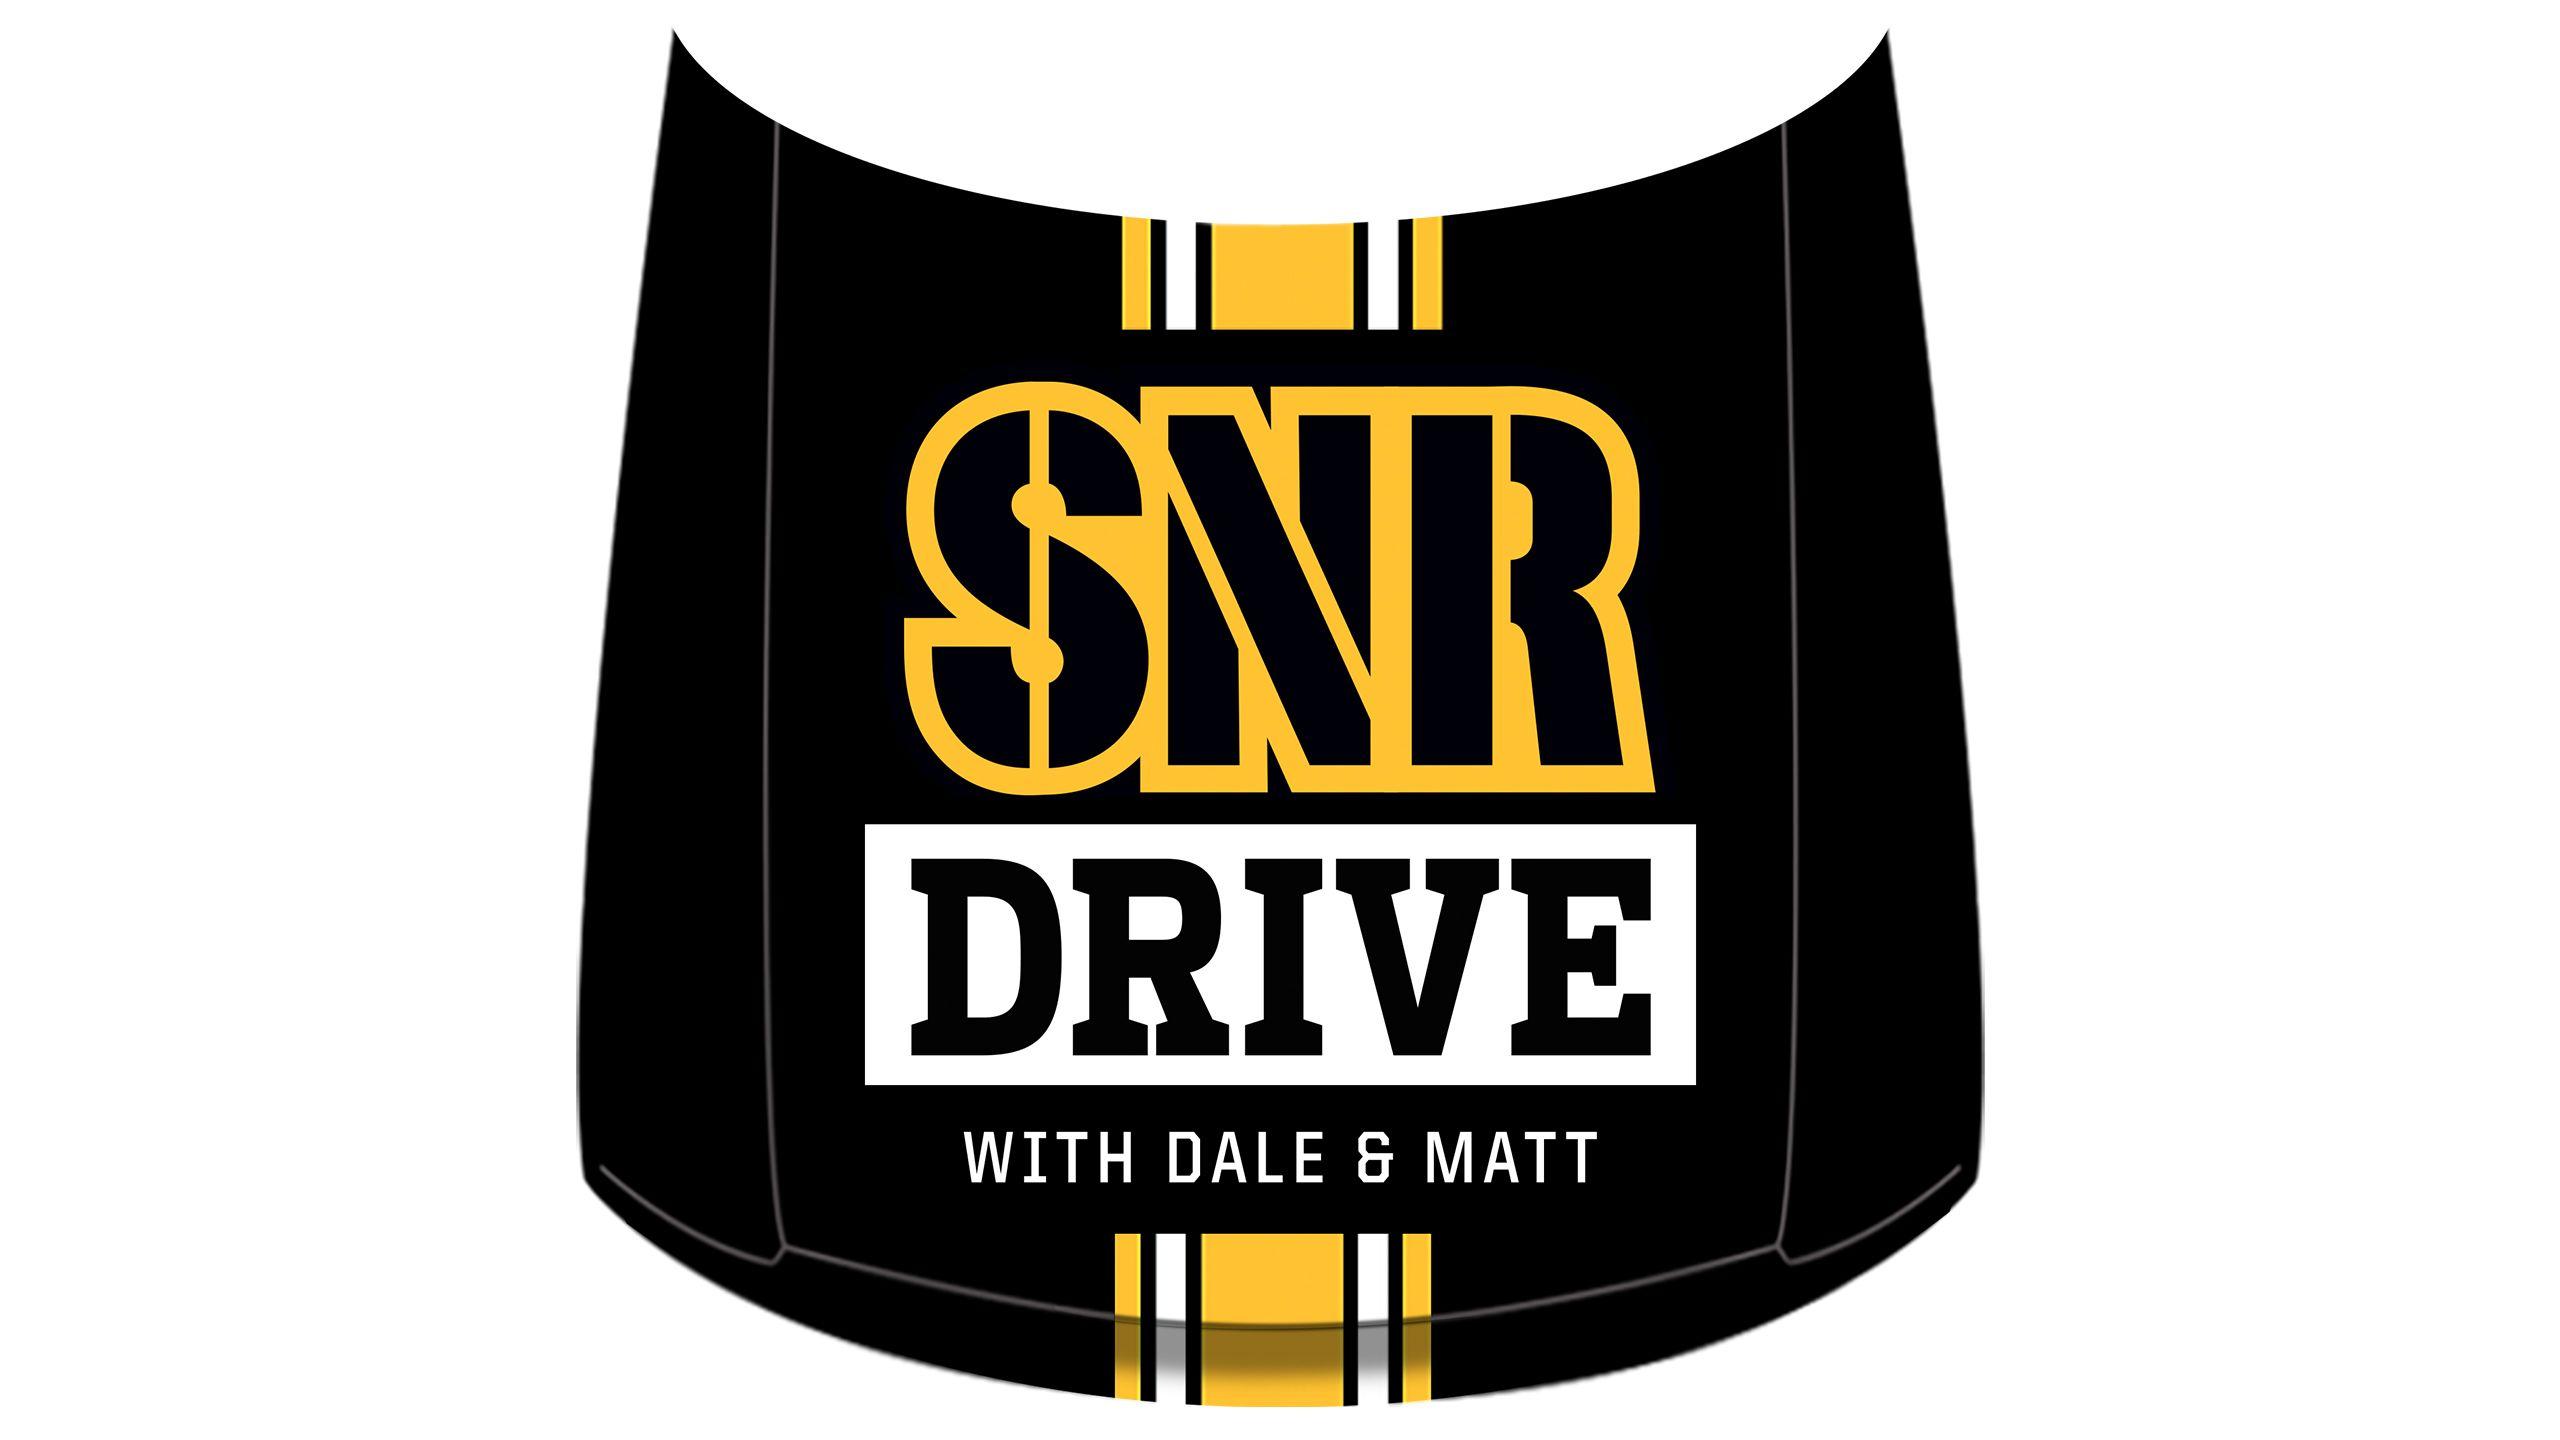 SNR Drive with Matt & Dale